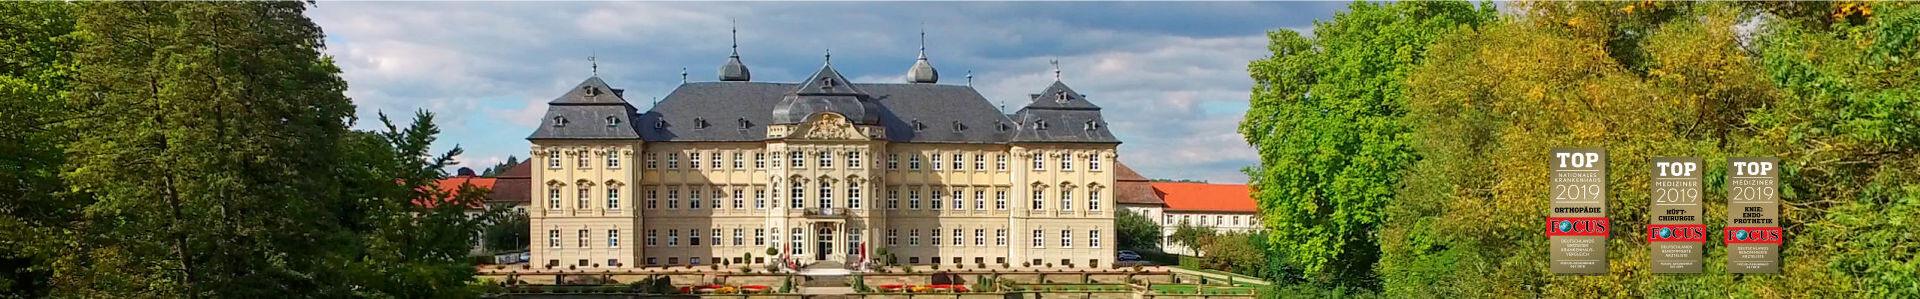 Banner Schloss  neu  1920 zu 300